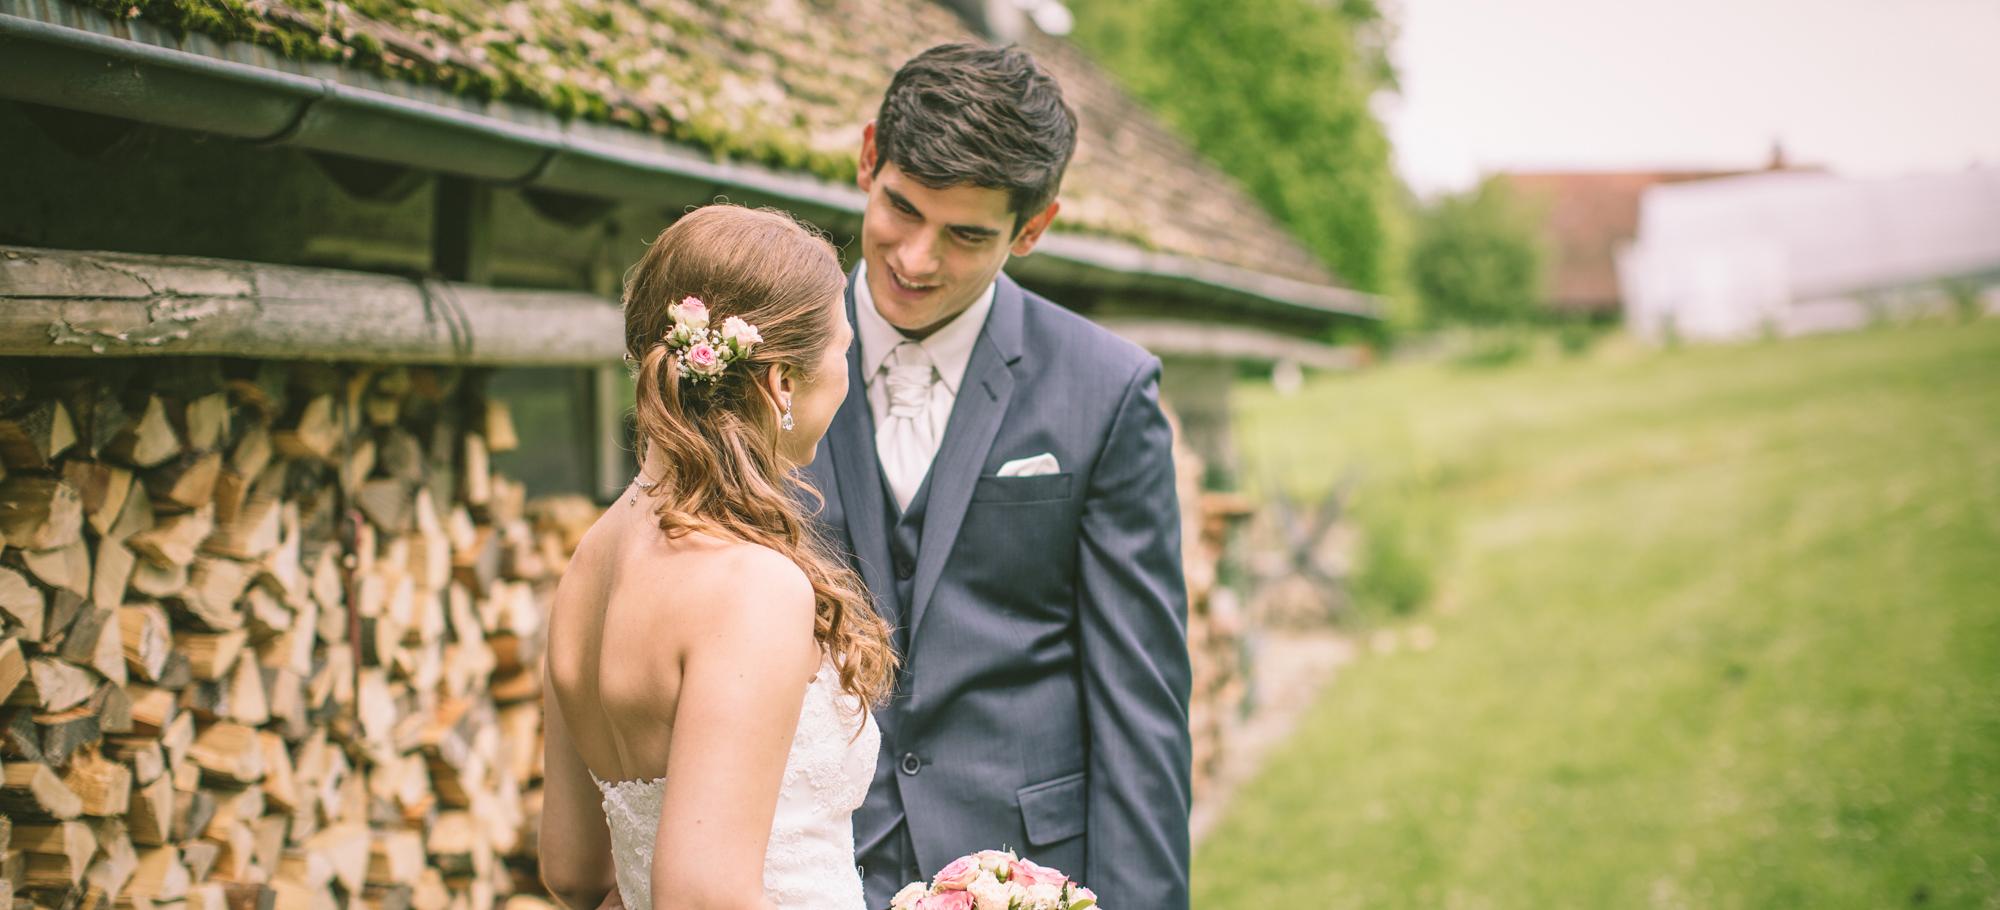 günstige Hochzeitsfotos